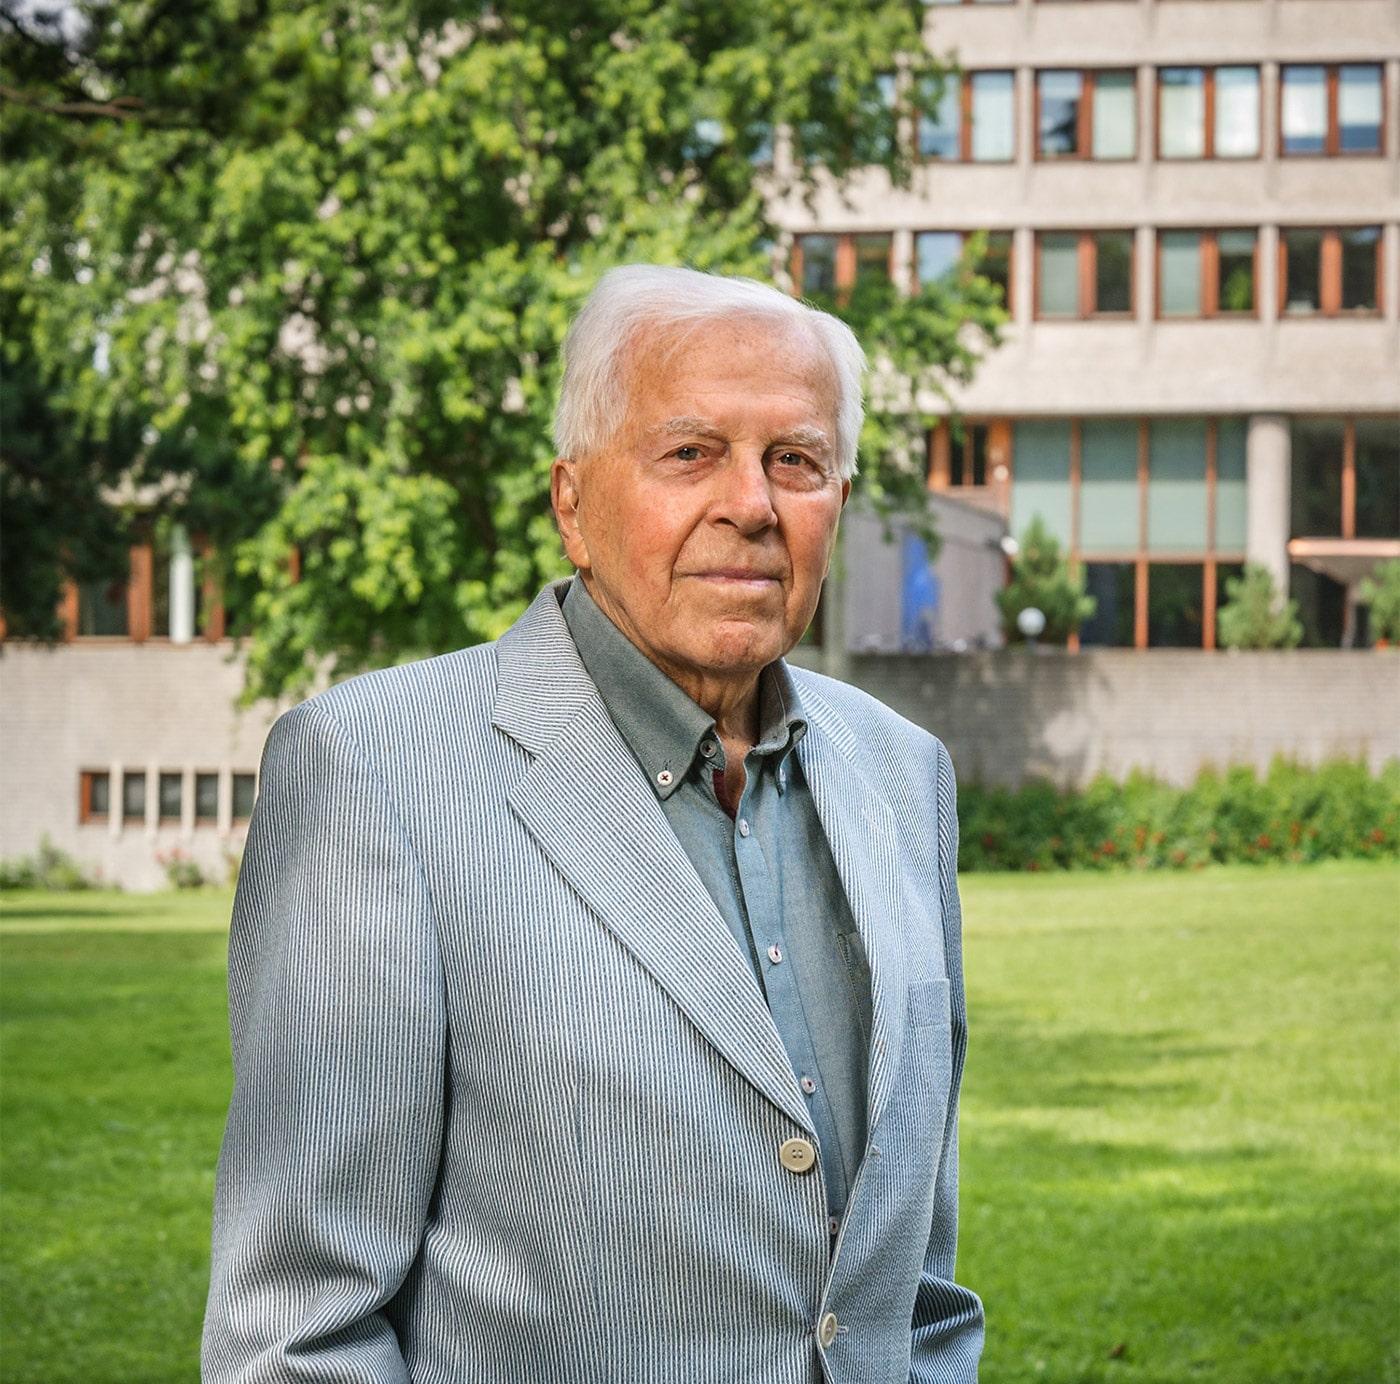 Portrett av eldre mann, Kjell Ulfsby, i Hydroparken ved Solli plass